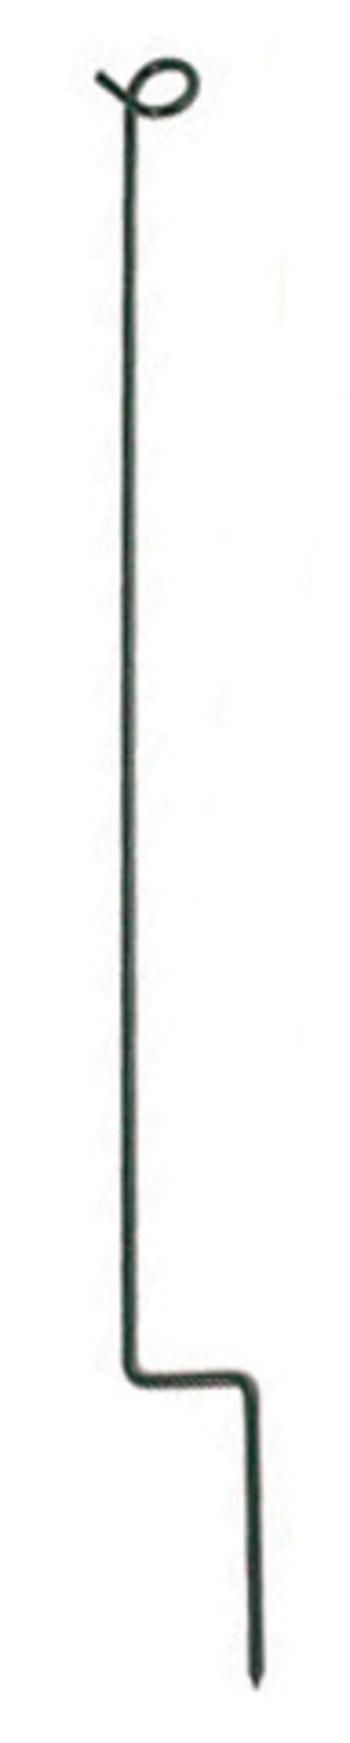 Stake für Seil 81 cm, grün